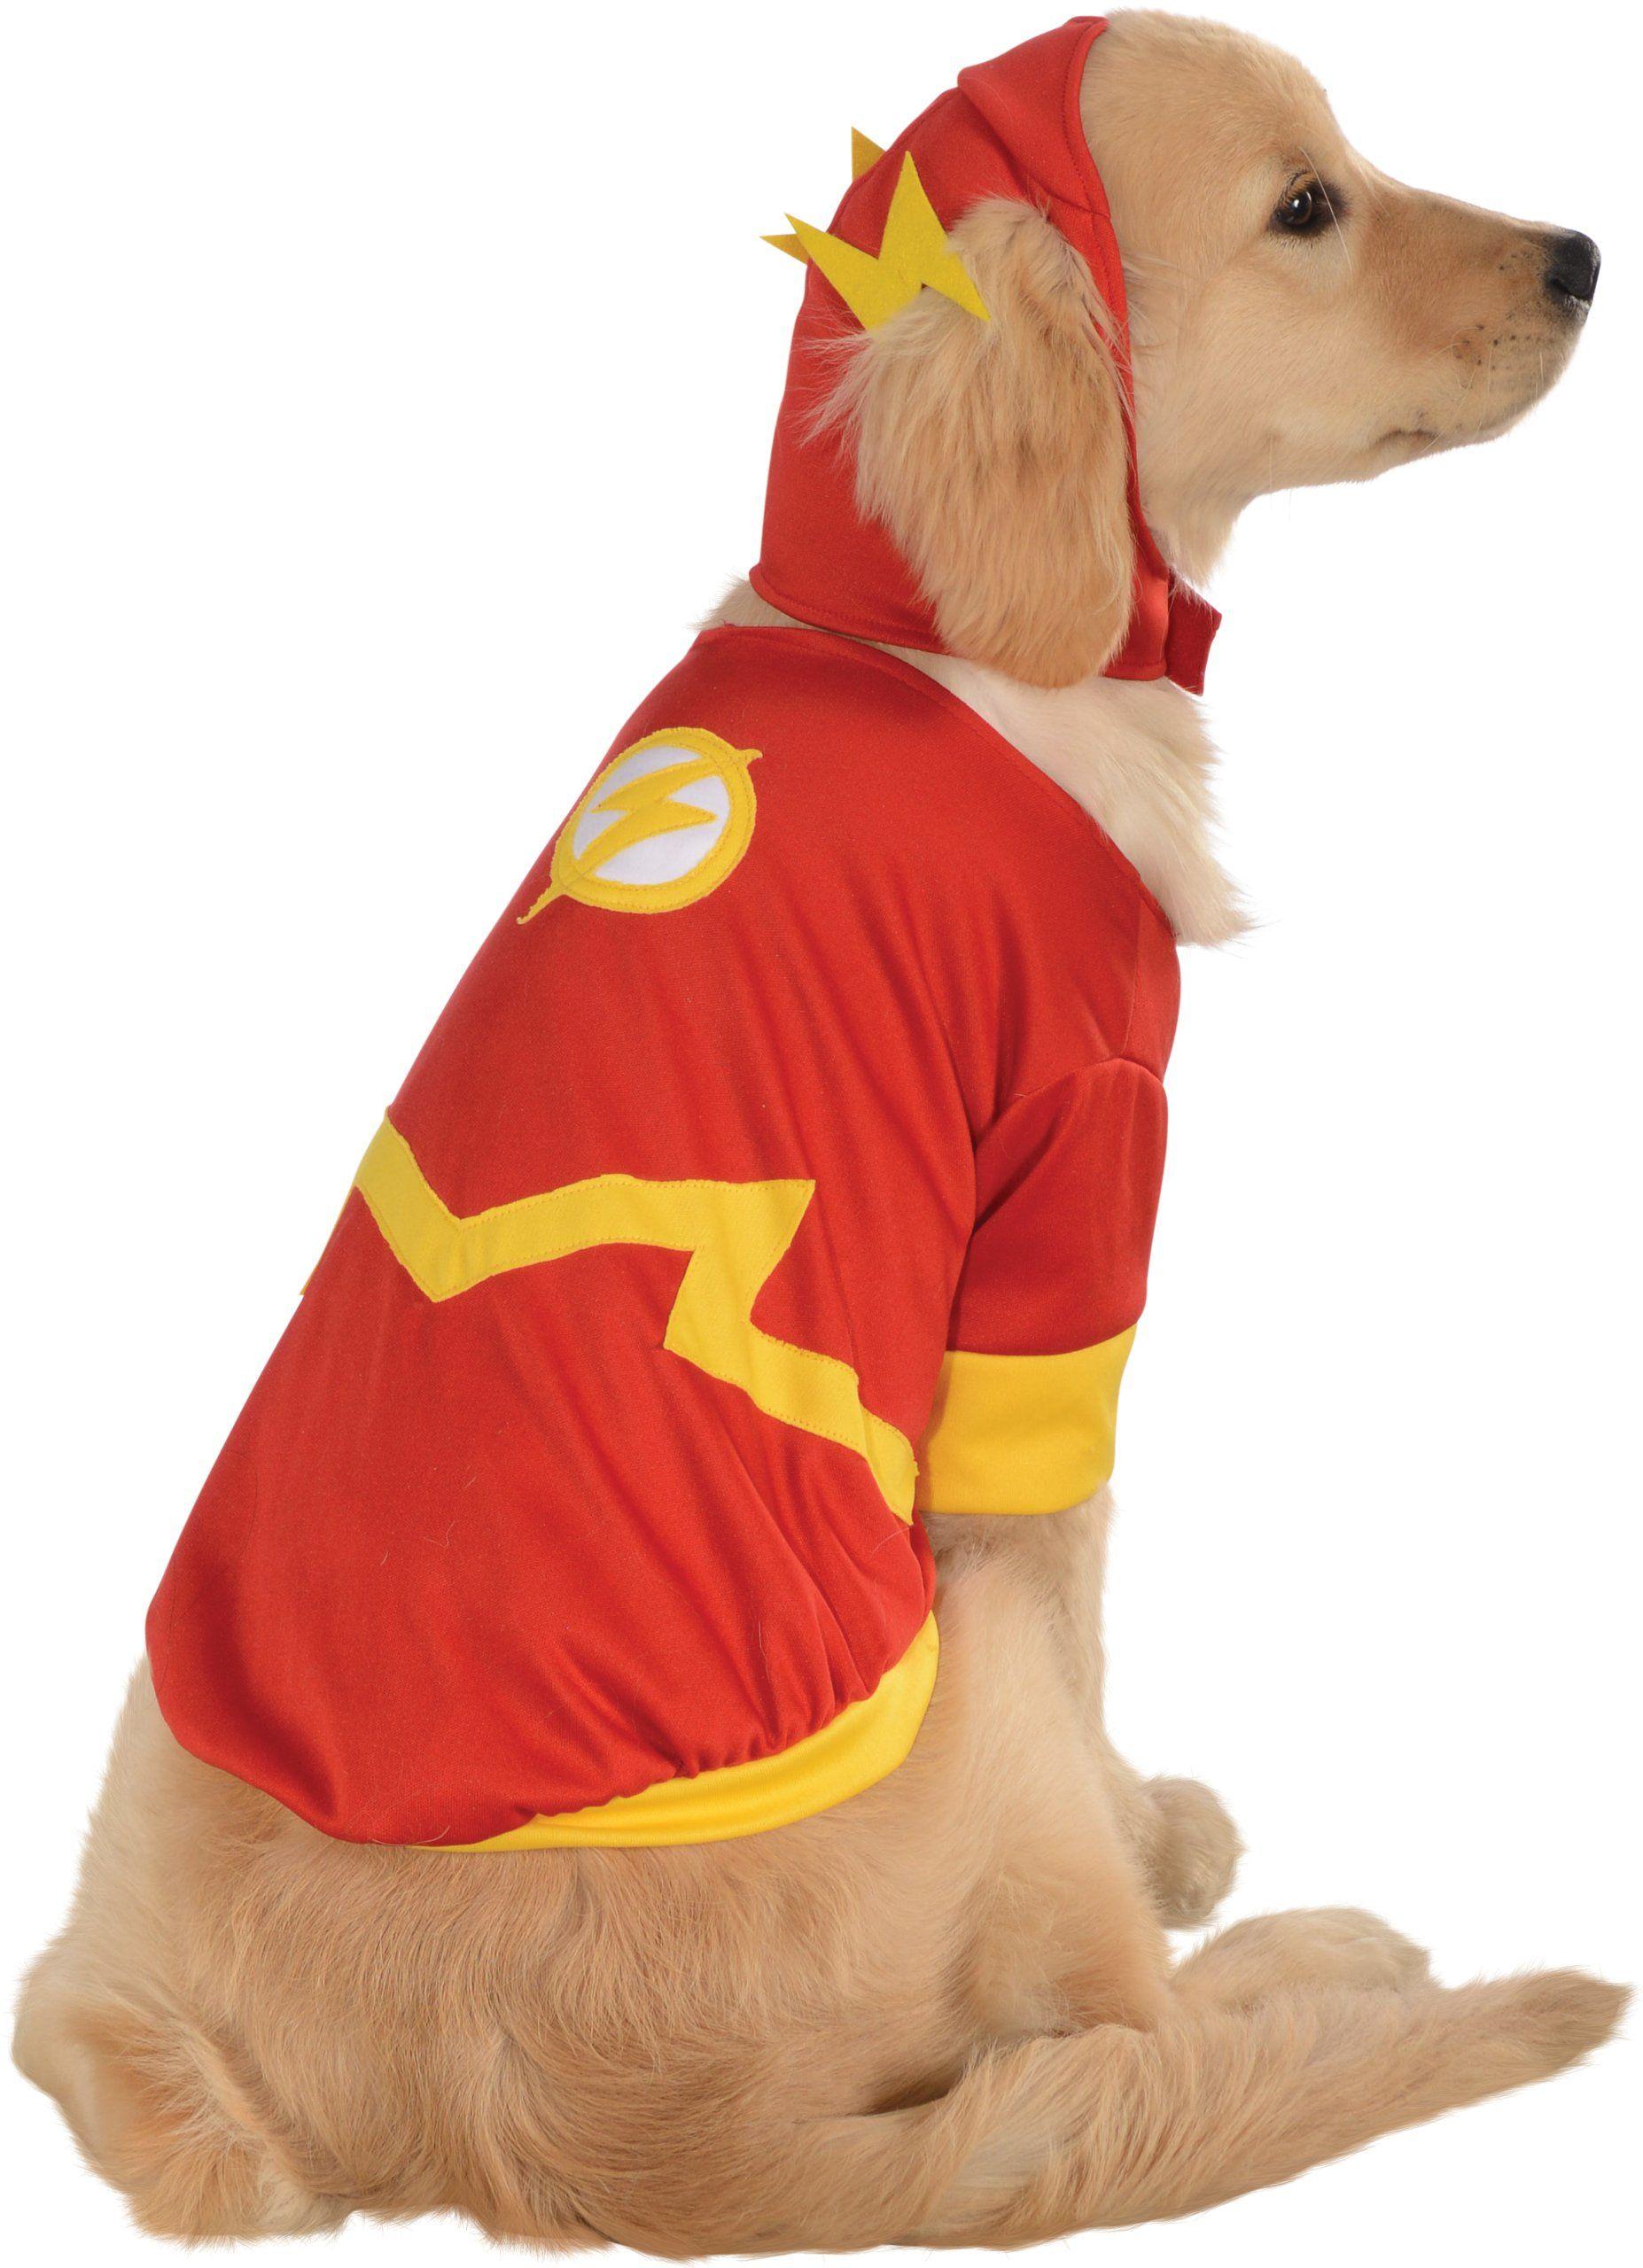 Oficjalny kostium Rubie''s DC komiksowy Flash zwierzę domowe pies kostium, prezent superbohater, rozmiar mały